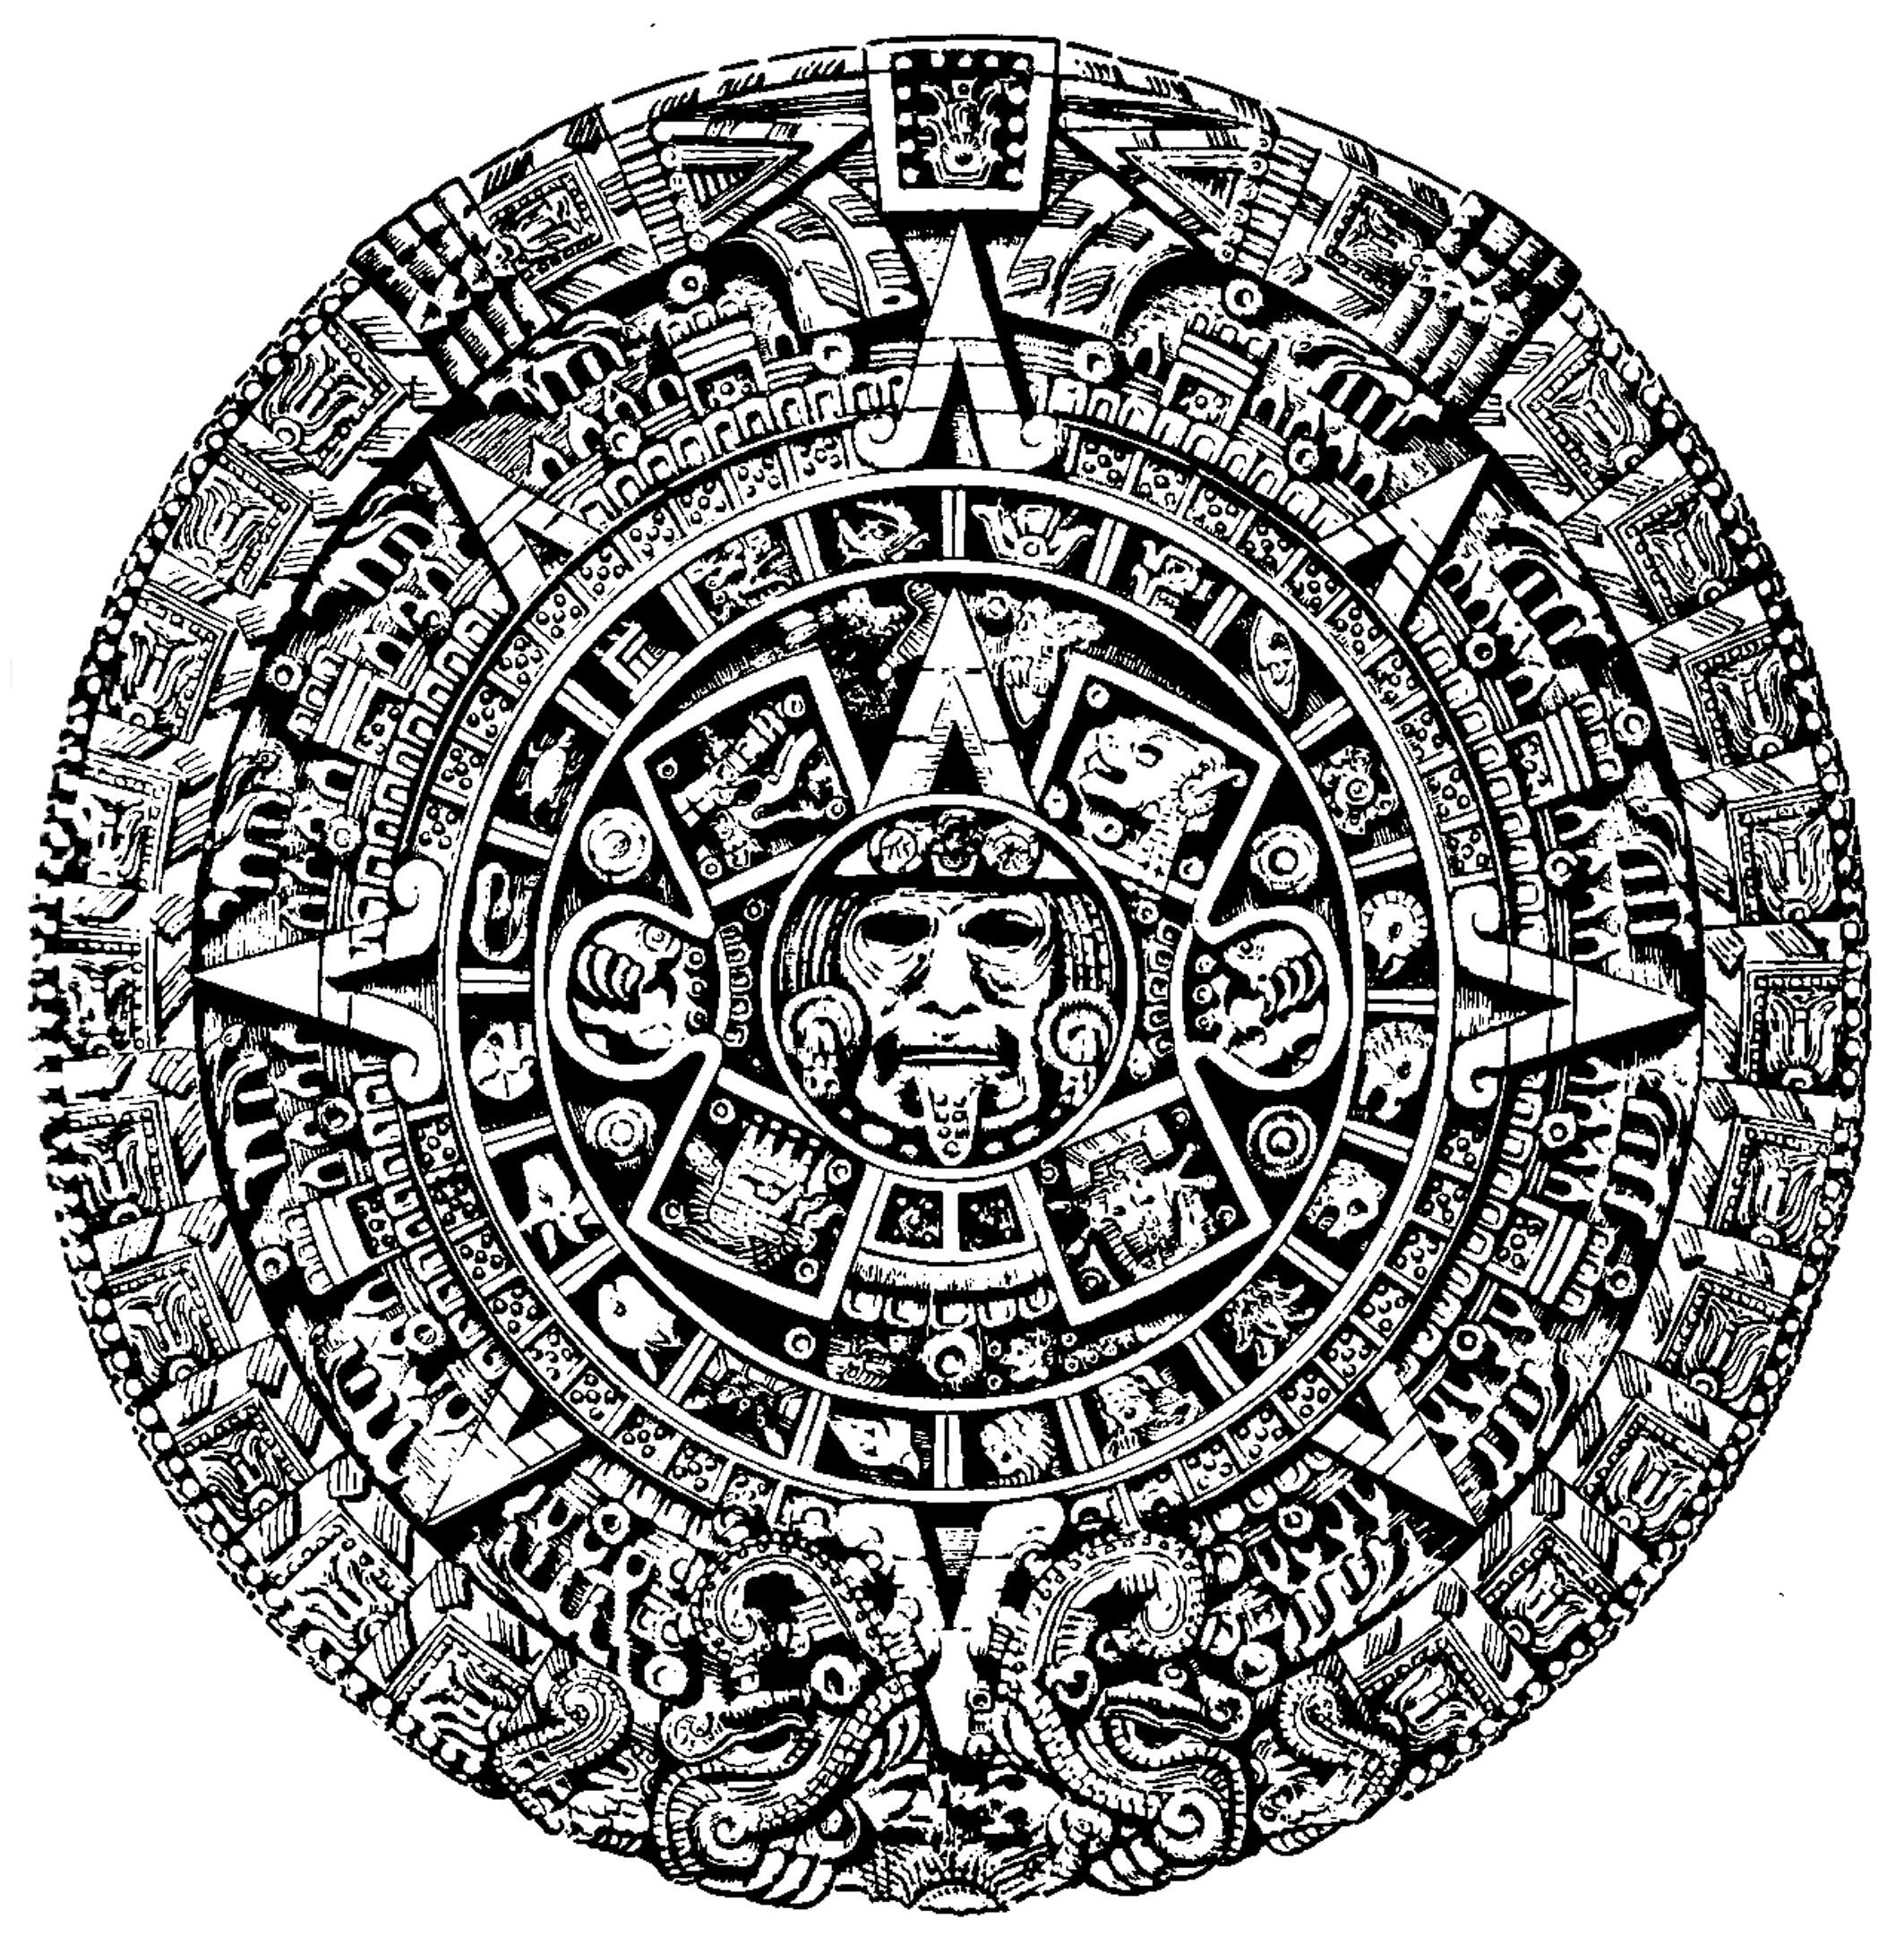 Aztec Calendar Drawing : Aztec calendar wallpaper images